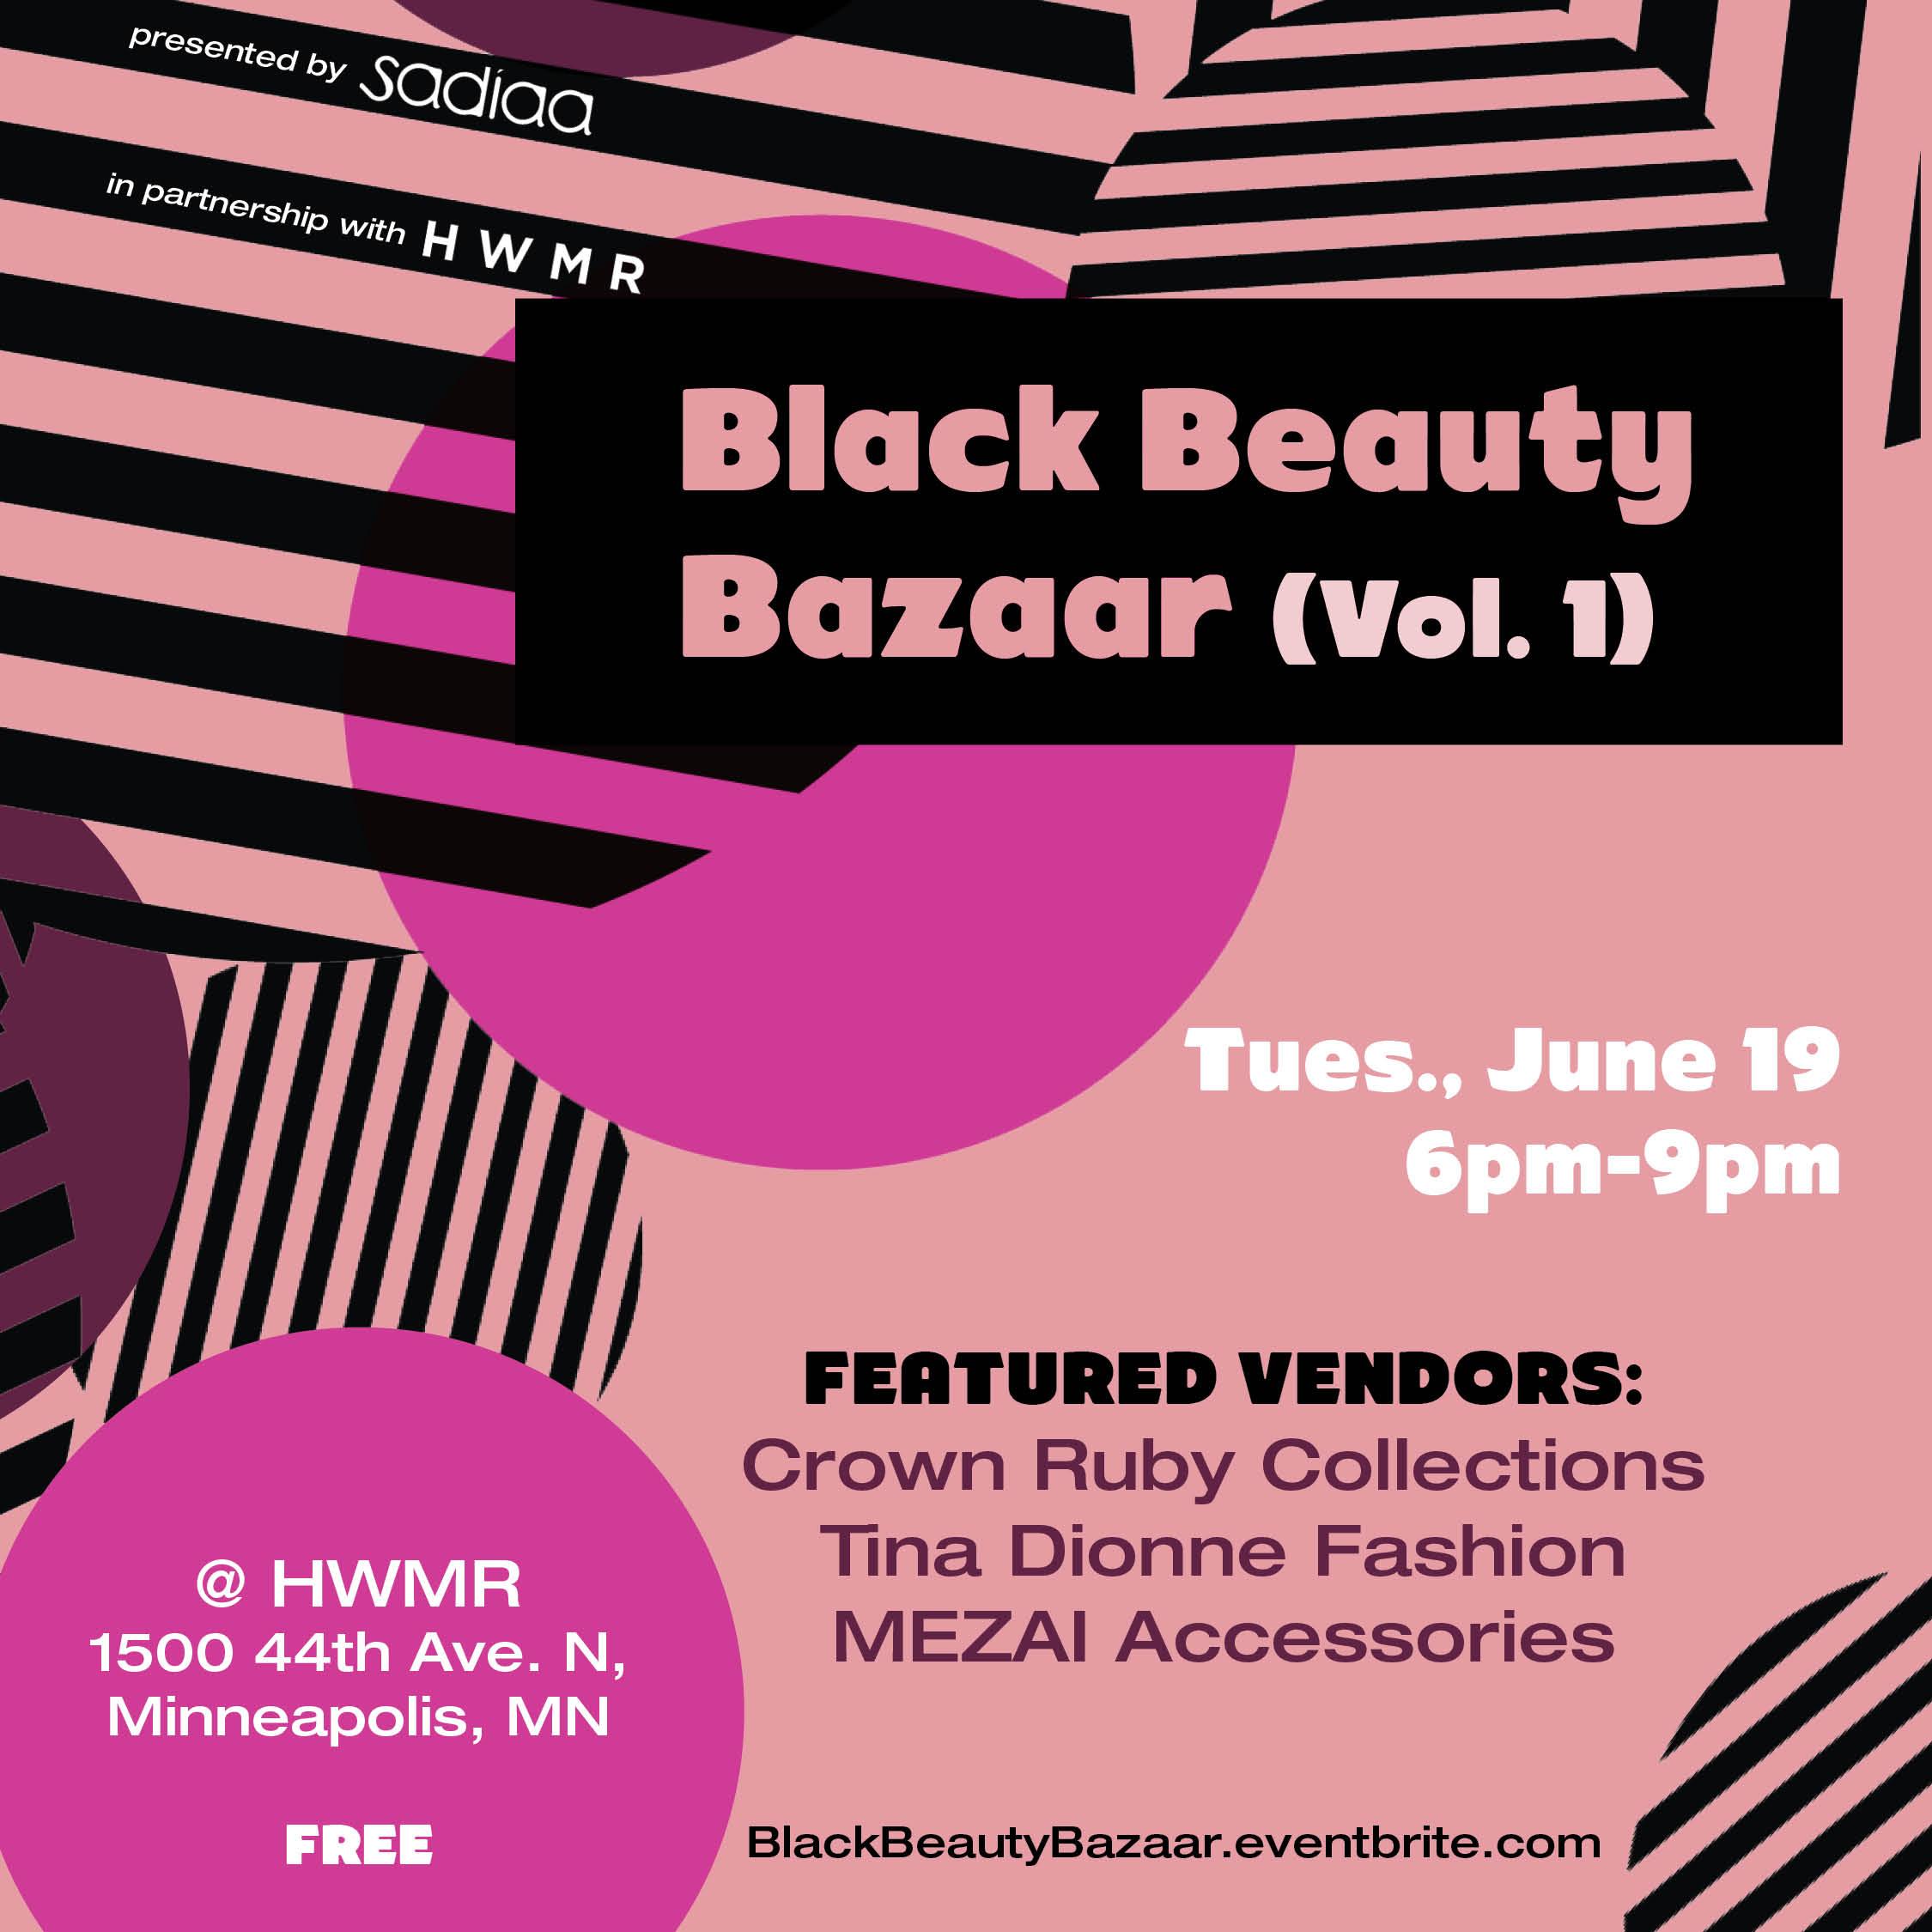 Sadiaa Black Beauty Bazaar